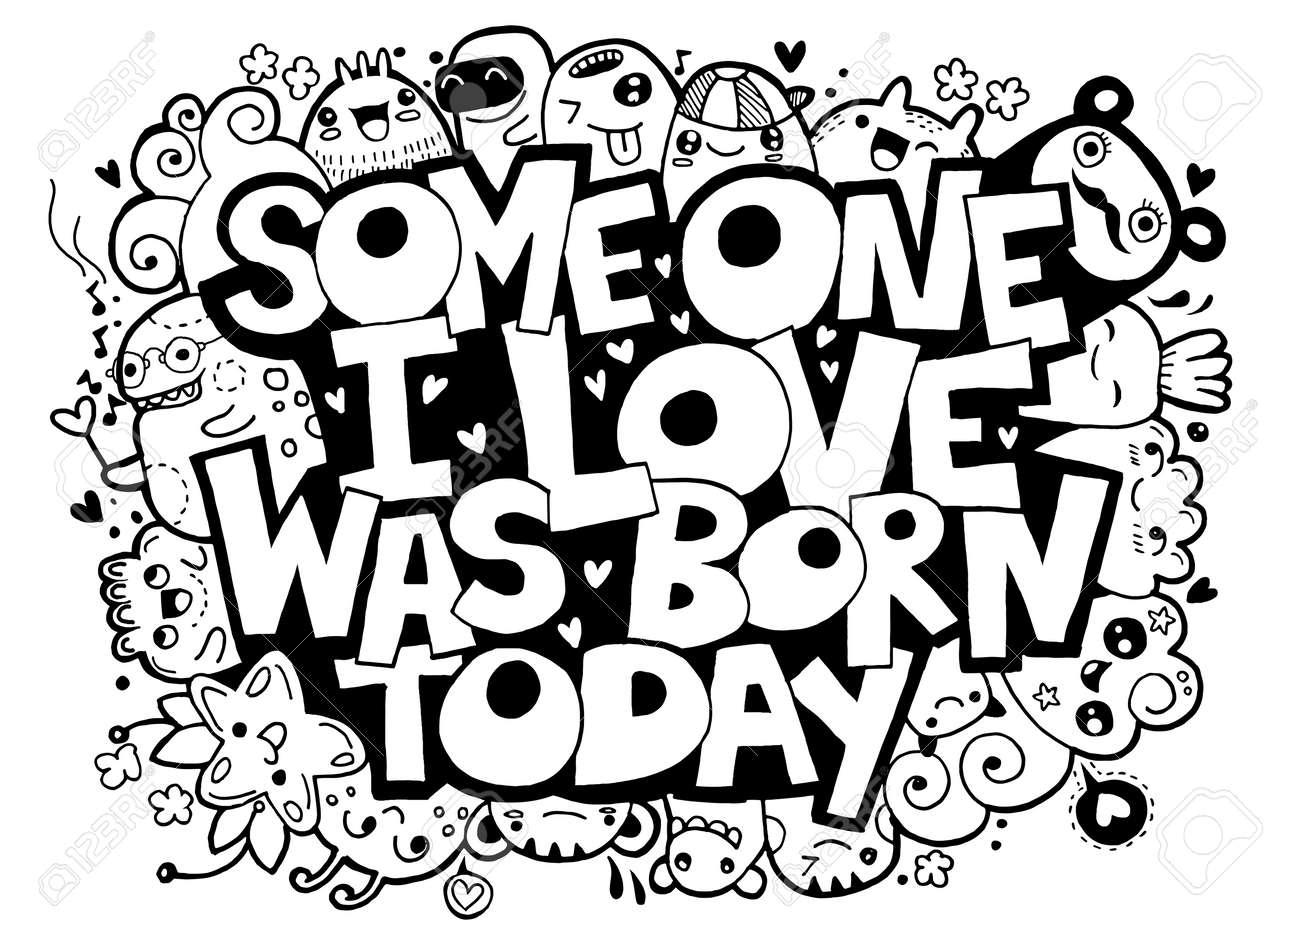 落書きのベクトル イラスト愛する人は今日では手書き文字が生まれた